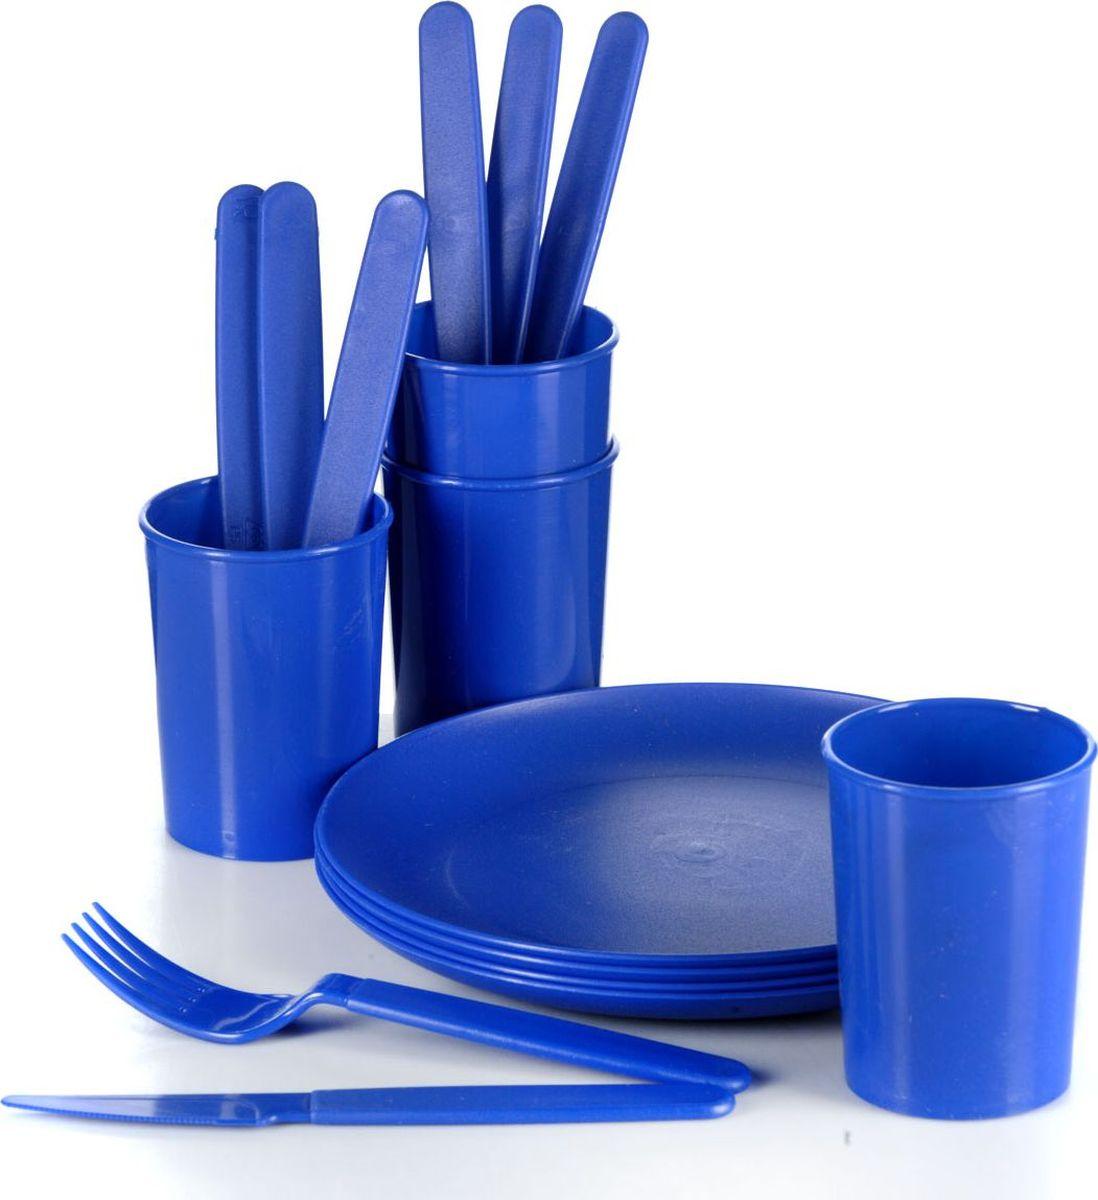 Набор пластиковой посуды Gotoff Туристический, цвет: синий, 16 предметовWTC-840Набор пластиковой посуды Gotoff Туристический включает 4 тарелки, 4 стакана, 4 вилки и 4 ножа. Изделия выполнены из прочного пищевого полипропилена. Набор отлично подойдет как для холодных, так и для горячих блюд. Его удобно использовать на даче, брать с собой на пикники и в поездки. Отличный вариант для детских праздников. Пластиковая посуда не разобьется и будет служить вам долгое время. Изделия легко моются, гигиеничны, не накапливают запахов. Диаметр тарелки: 20,5 см. Диаметр стакана: 7 см. Высота стакана: 9 см. Длина вилки: 18 см. Длина ножа: 18,5 см.